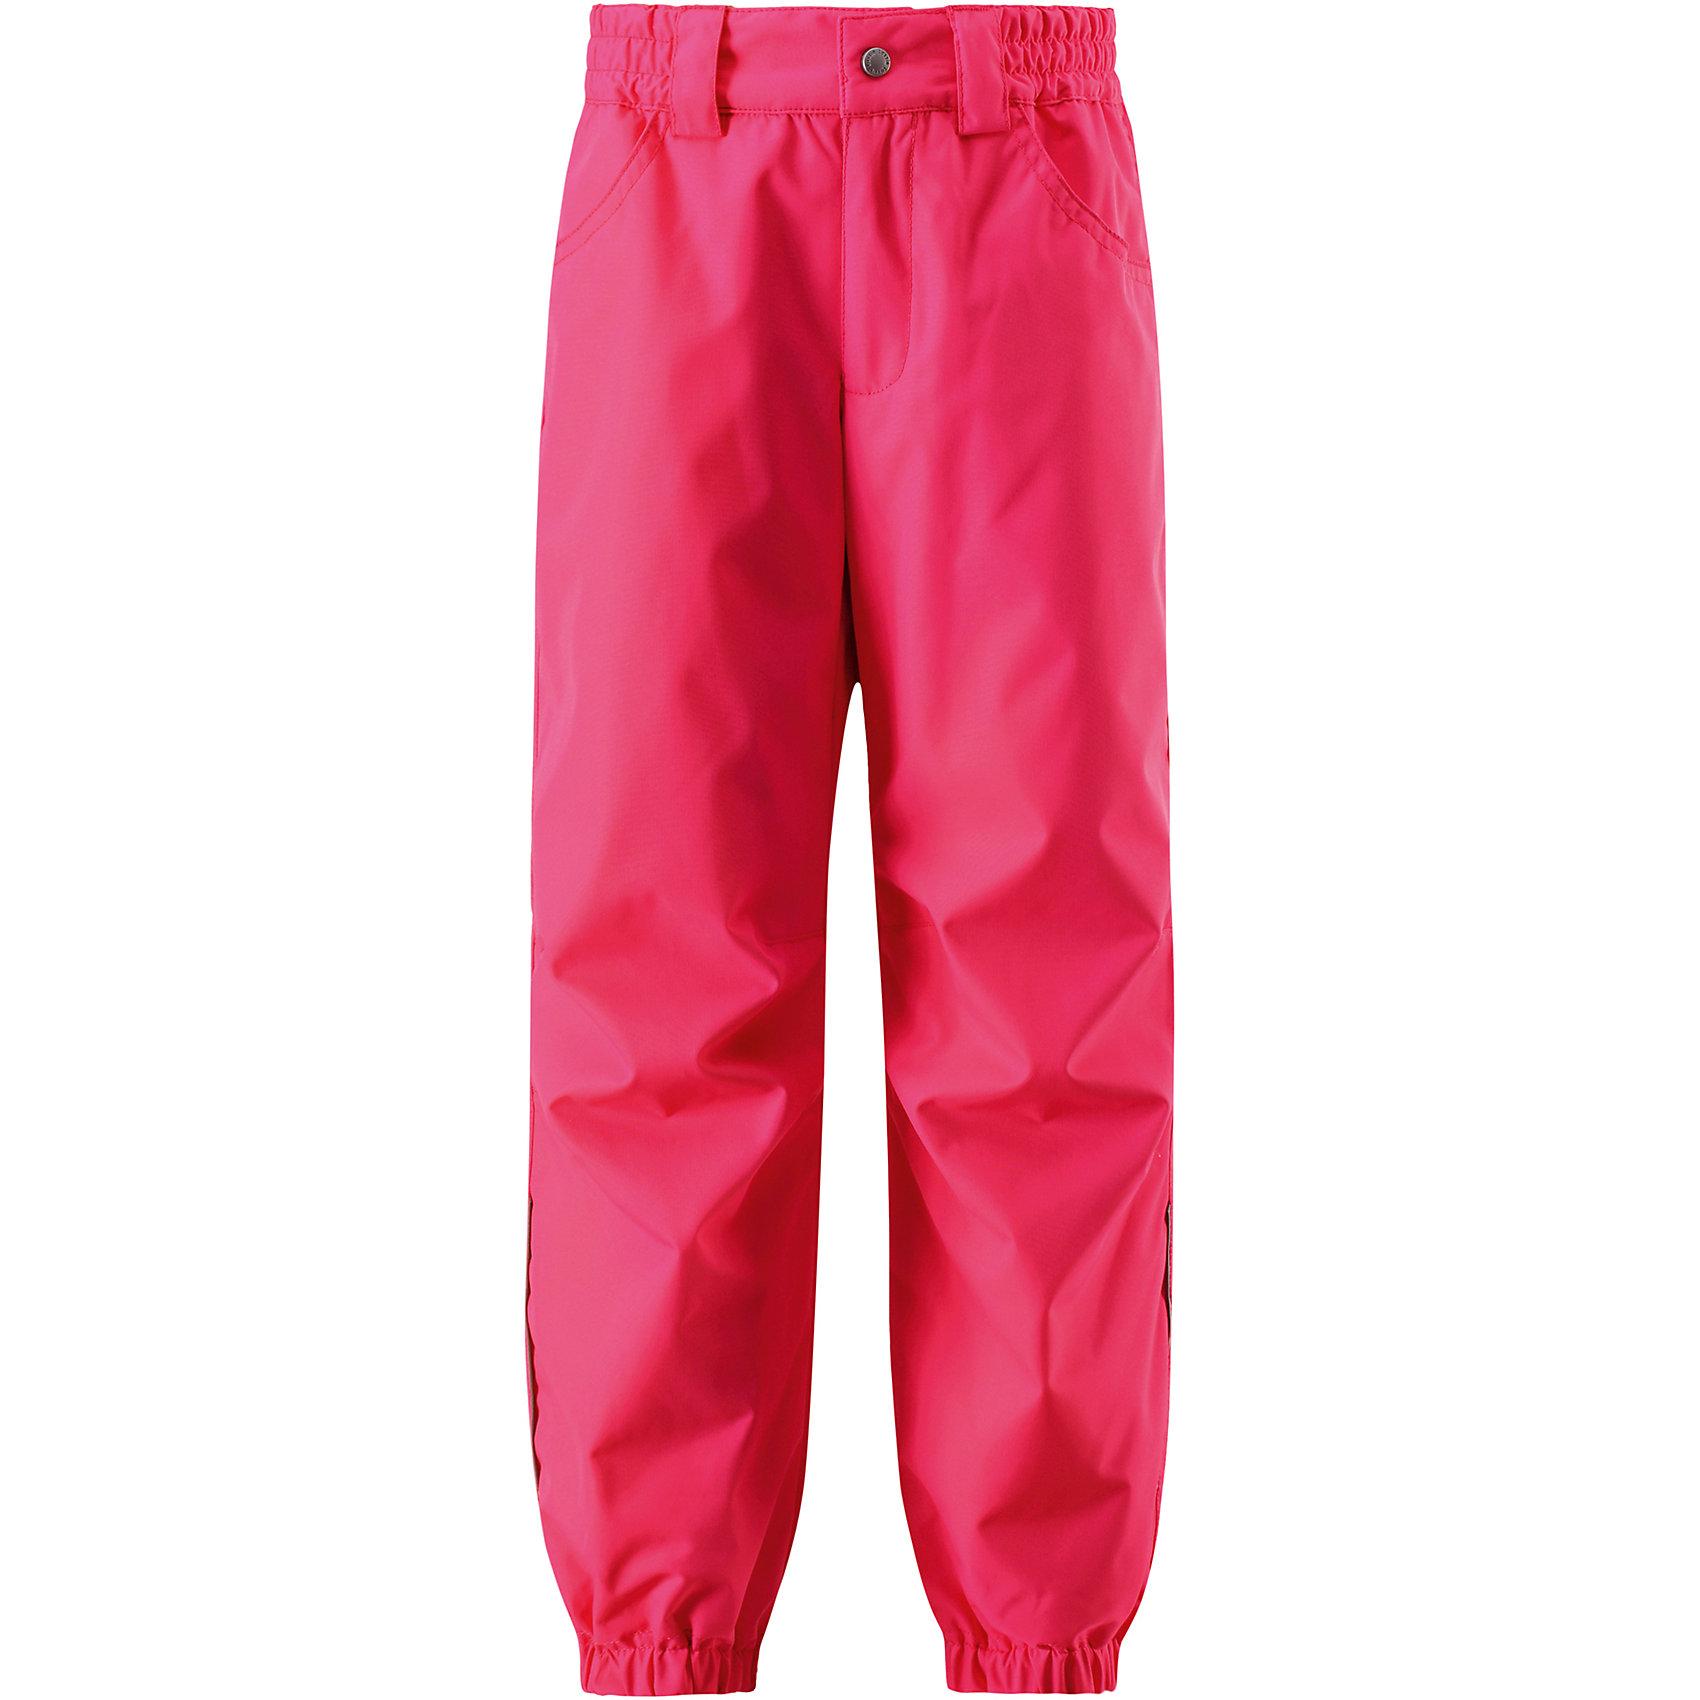 Брюкидля девочки LASSIEОдежда<br>Характеристики товара:<br><br>• цвет: розовый<br>• состав: 100% полиэстер, полиуретановое покрытие<br>• температурный режим: от +15°до +5°С<br>• без утеплителя<br>• водонепроницаемость: 1 000 мм<br>• сопротивление трению: 20000 оборотов (тест Мартиндейла)<br>• водоотталкивающий, ветронепроницаемый и «дышащий» материал<br>• подкладка: гладкая из полиэстера<br>• передние карманы<br>• ширинка на молнии<br>• задний серединный шов проклеен<br>• эластичные манжеты на брючинах<br>• эластичный обхват талии<br>• комфортная посадка<br>• страна производства: Китай<br>• страна бренда: Финляндия<br>• коллекция: весна-лето 2017<br><br>Демисезонные брюки помогут обеспечить ребенку комфорт и тепло. Они отлично смотрятся с различной одеждой. Изделие удобно сидит и модно выглядит. Материал - водоотталкивающий, ветронепроницаемый и «дышащий». Продуманный крой разрабатывался специально для детей.<br><br>Обувь и одежда от финского бренда LASSIE пользуются популярностью во многих странах. Они стильные, качественные и удобные. Для производства продукции используются только безопасные, проверенные материалы и фурнитура. Порадуйте ребенка модными и красивыми вещами от Lassie®! <br><br>Брюки для девочки от финского бренда LASSIE можно купить в нашем интернет-магазине.<br><br>Ширина мм: 215<br>Глубина мм: 88<br>Высота мм: 191<br>Вес г: 336<br>Цвет: розовый<br>Возраст от месяцев: 48<br>Возраст до месяцев: 60<br>Пол: Женский<br>Возраст: Детский<br>Размер: 110,140,122,98,128,92,116,134,104<br>SKU: 5264385